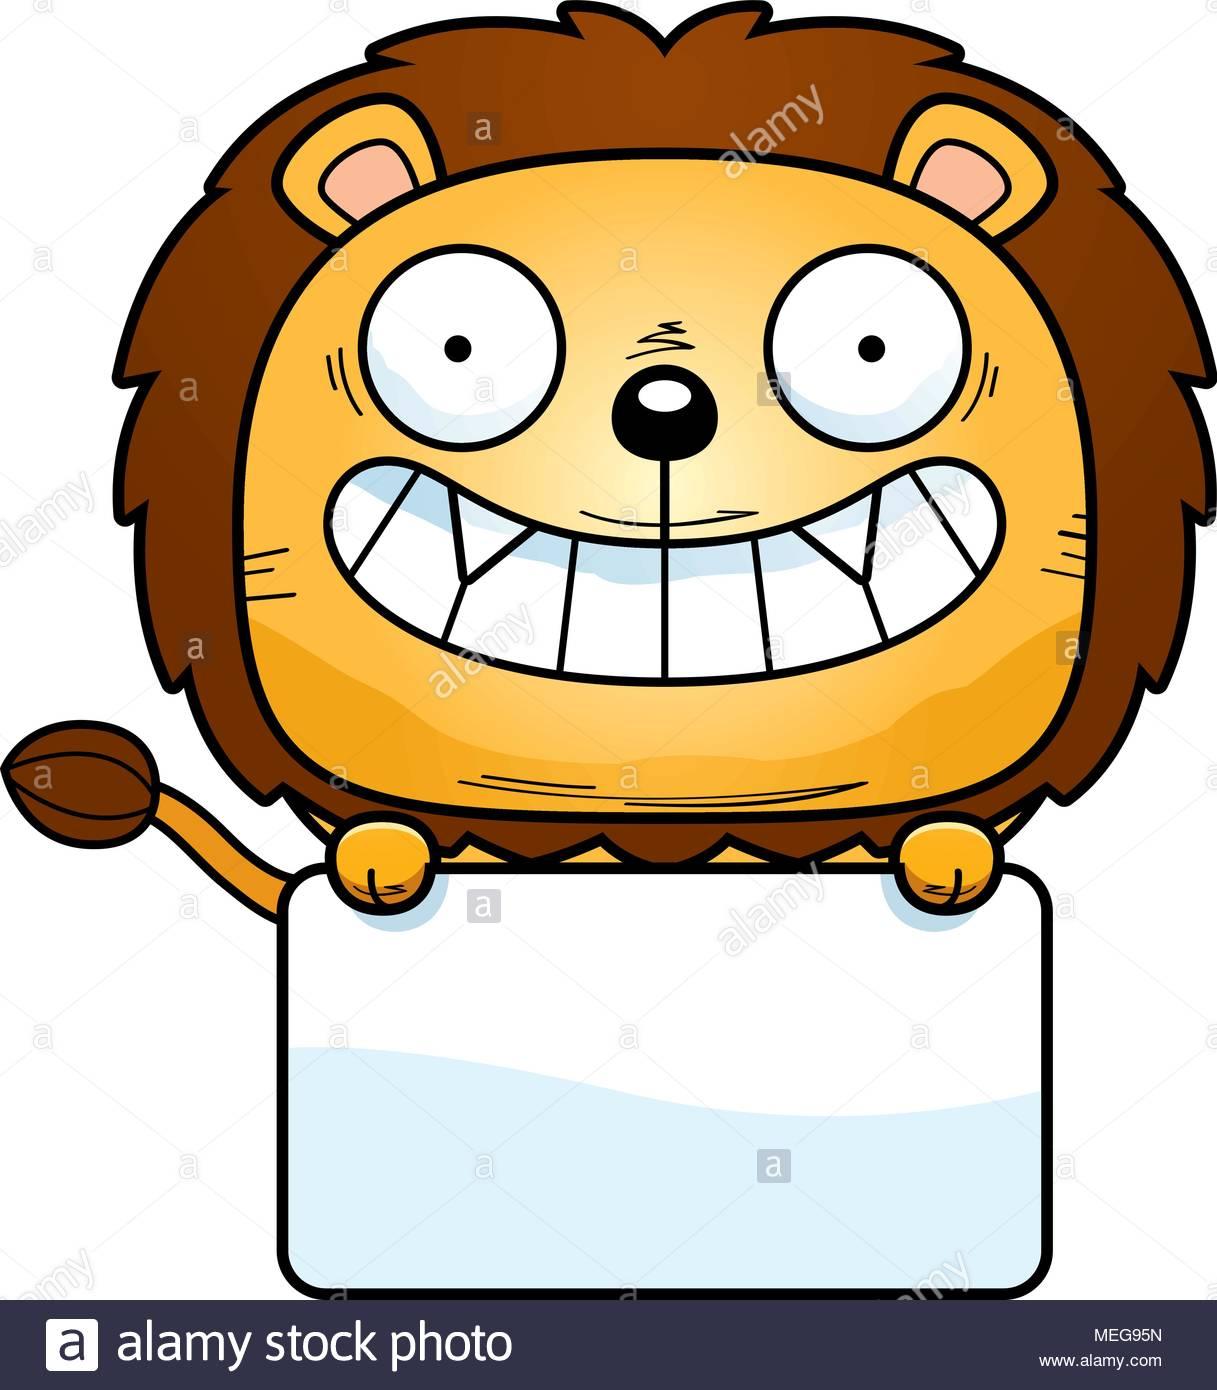 1217x1390 Boy Lion Cub Stock Photos Amp Boy Lion Cub Stock Images